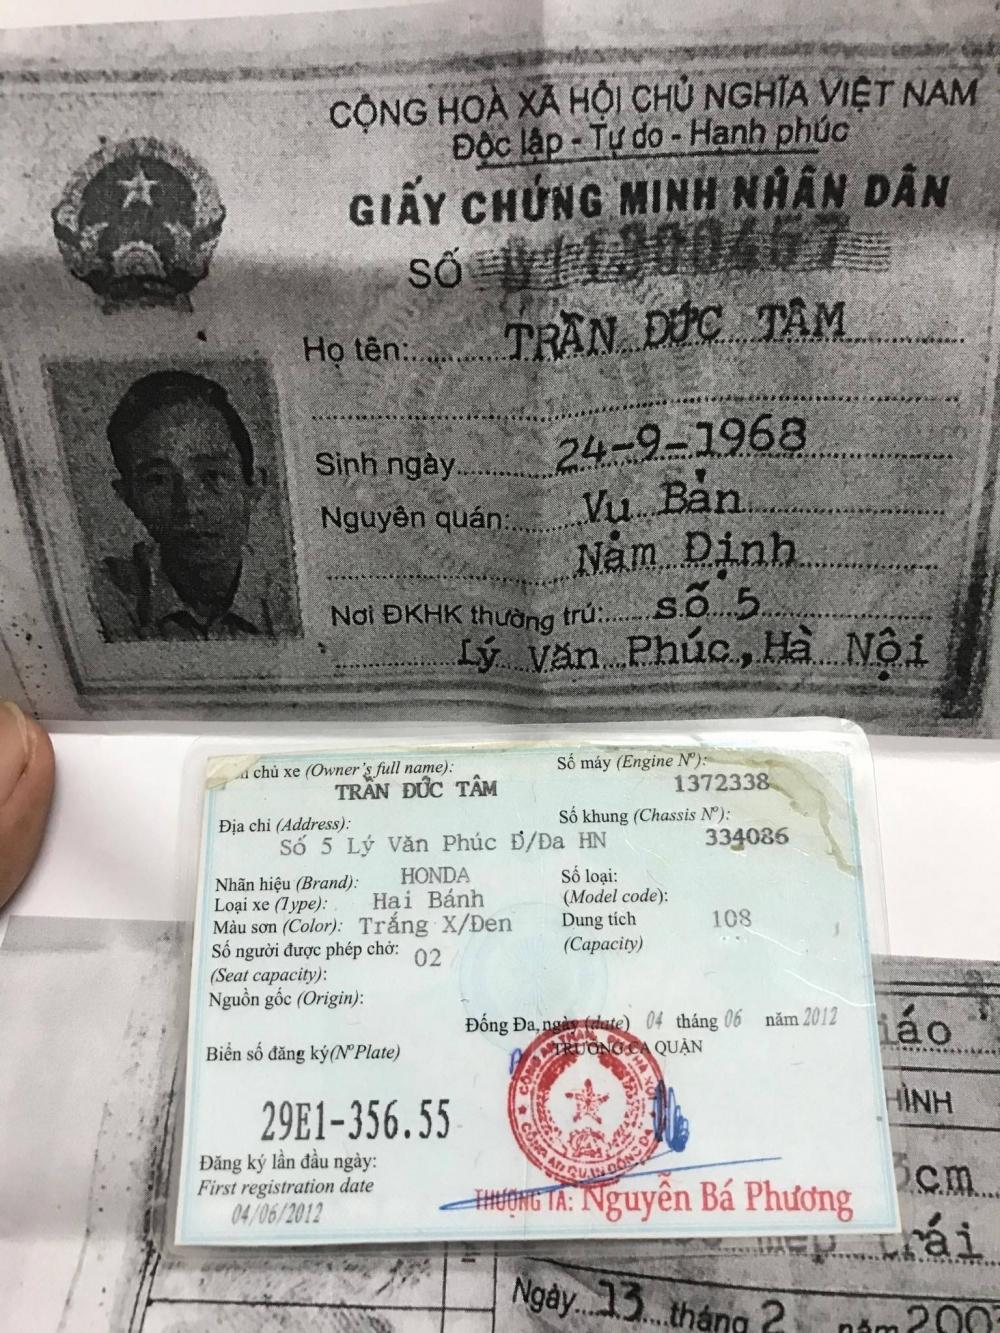 Airblade 110 Fi Trang 2012 29E 35655 khoa tim xedep 25tr xe giu gin moi - 4